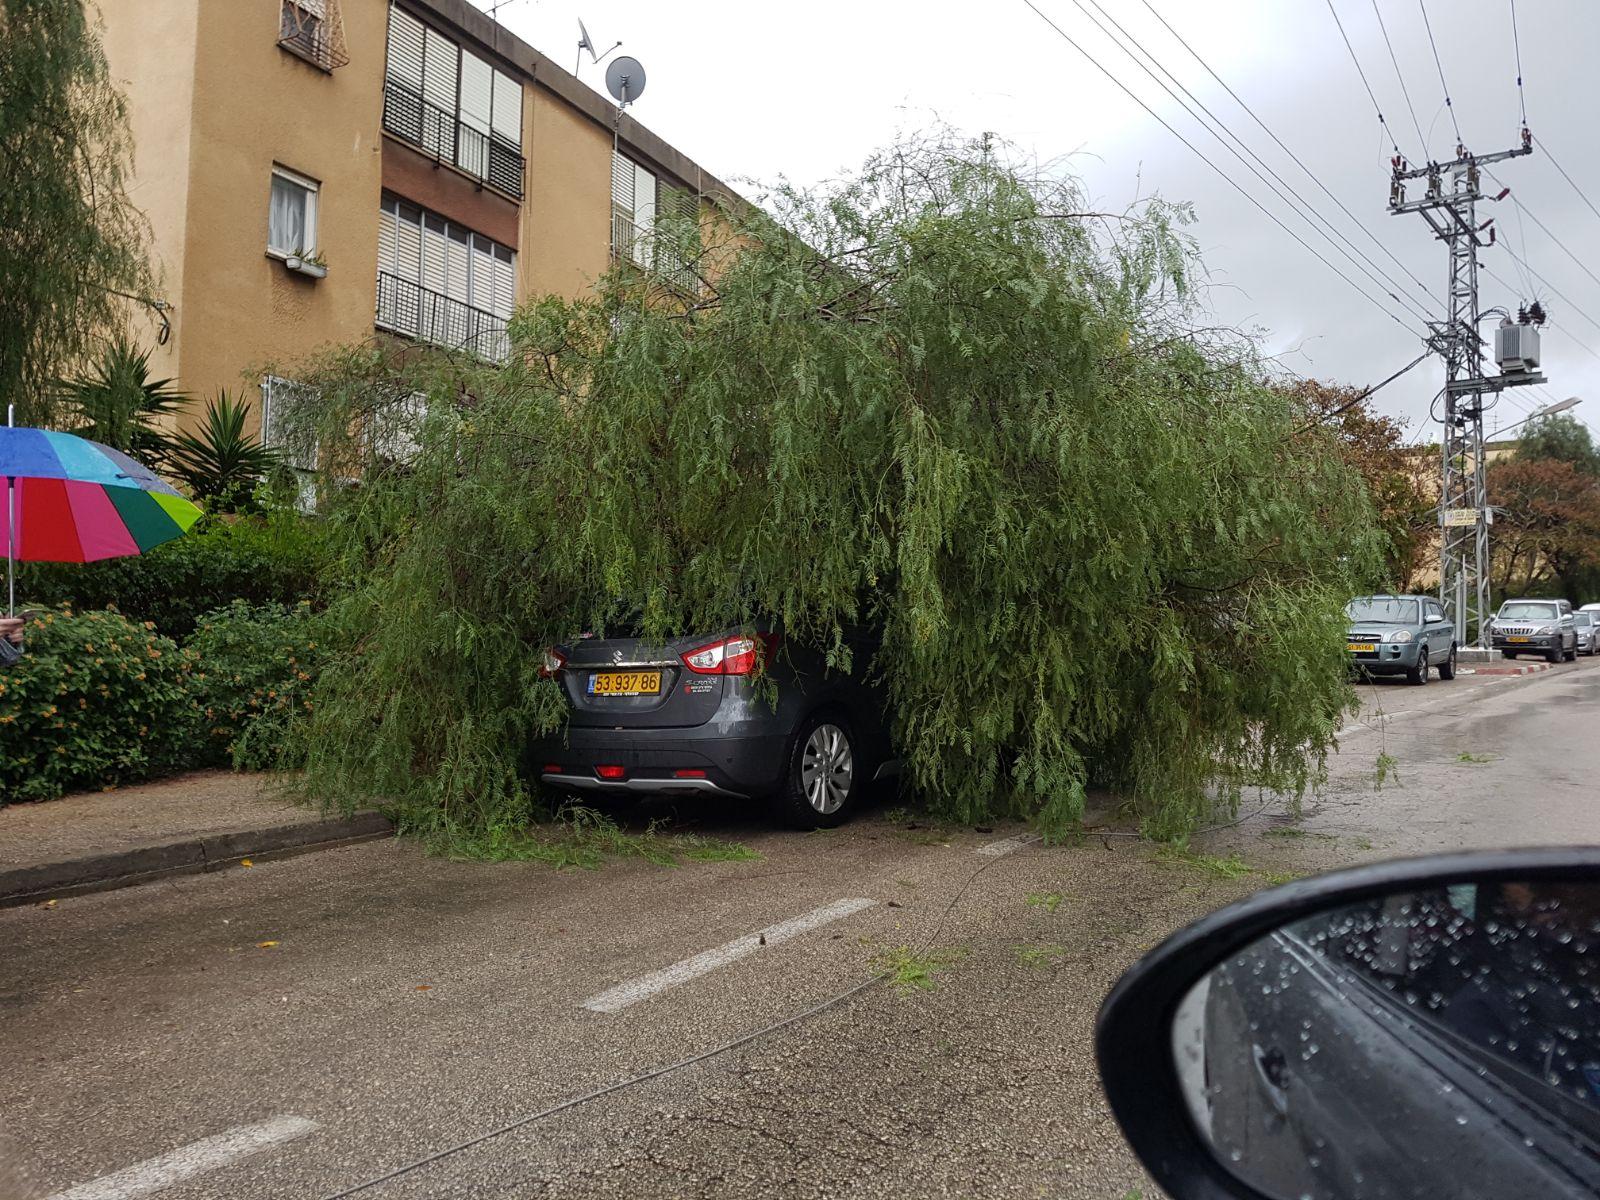 עץ שנפל על רכב בקרית אתא (צילום: דוברות איחוד הצלה כרמל)